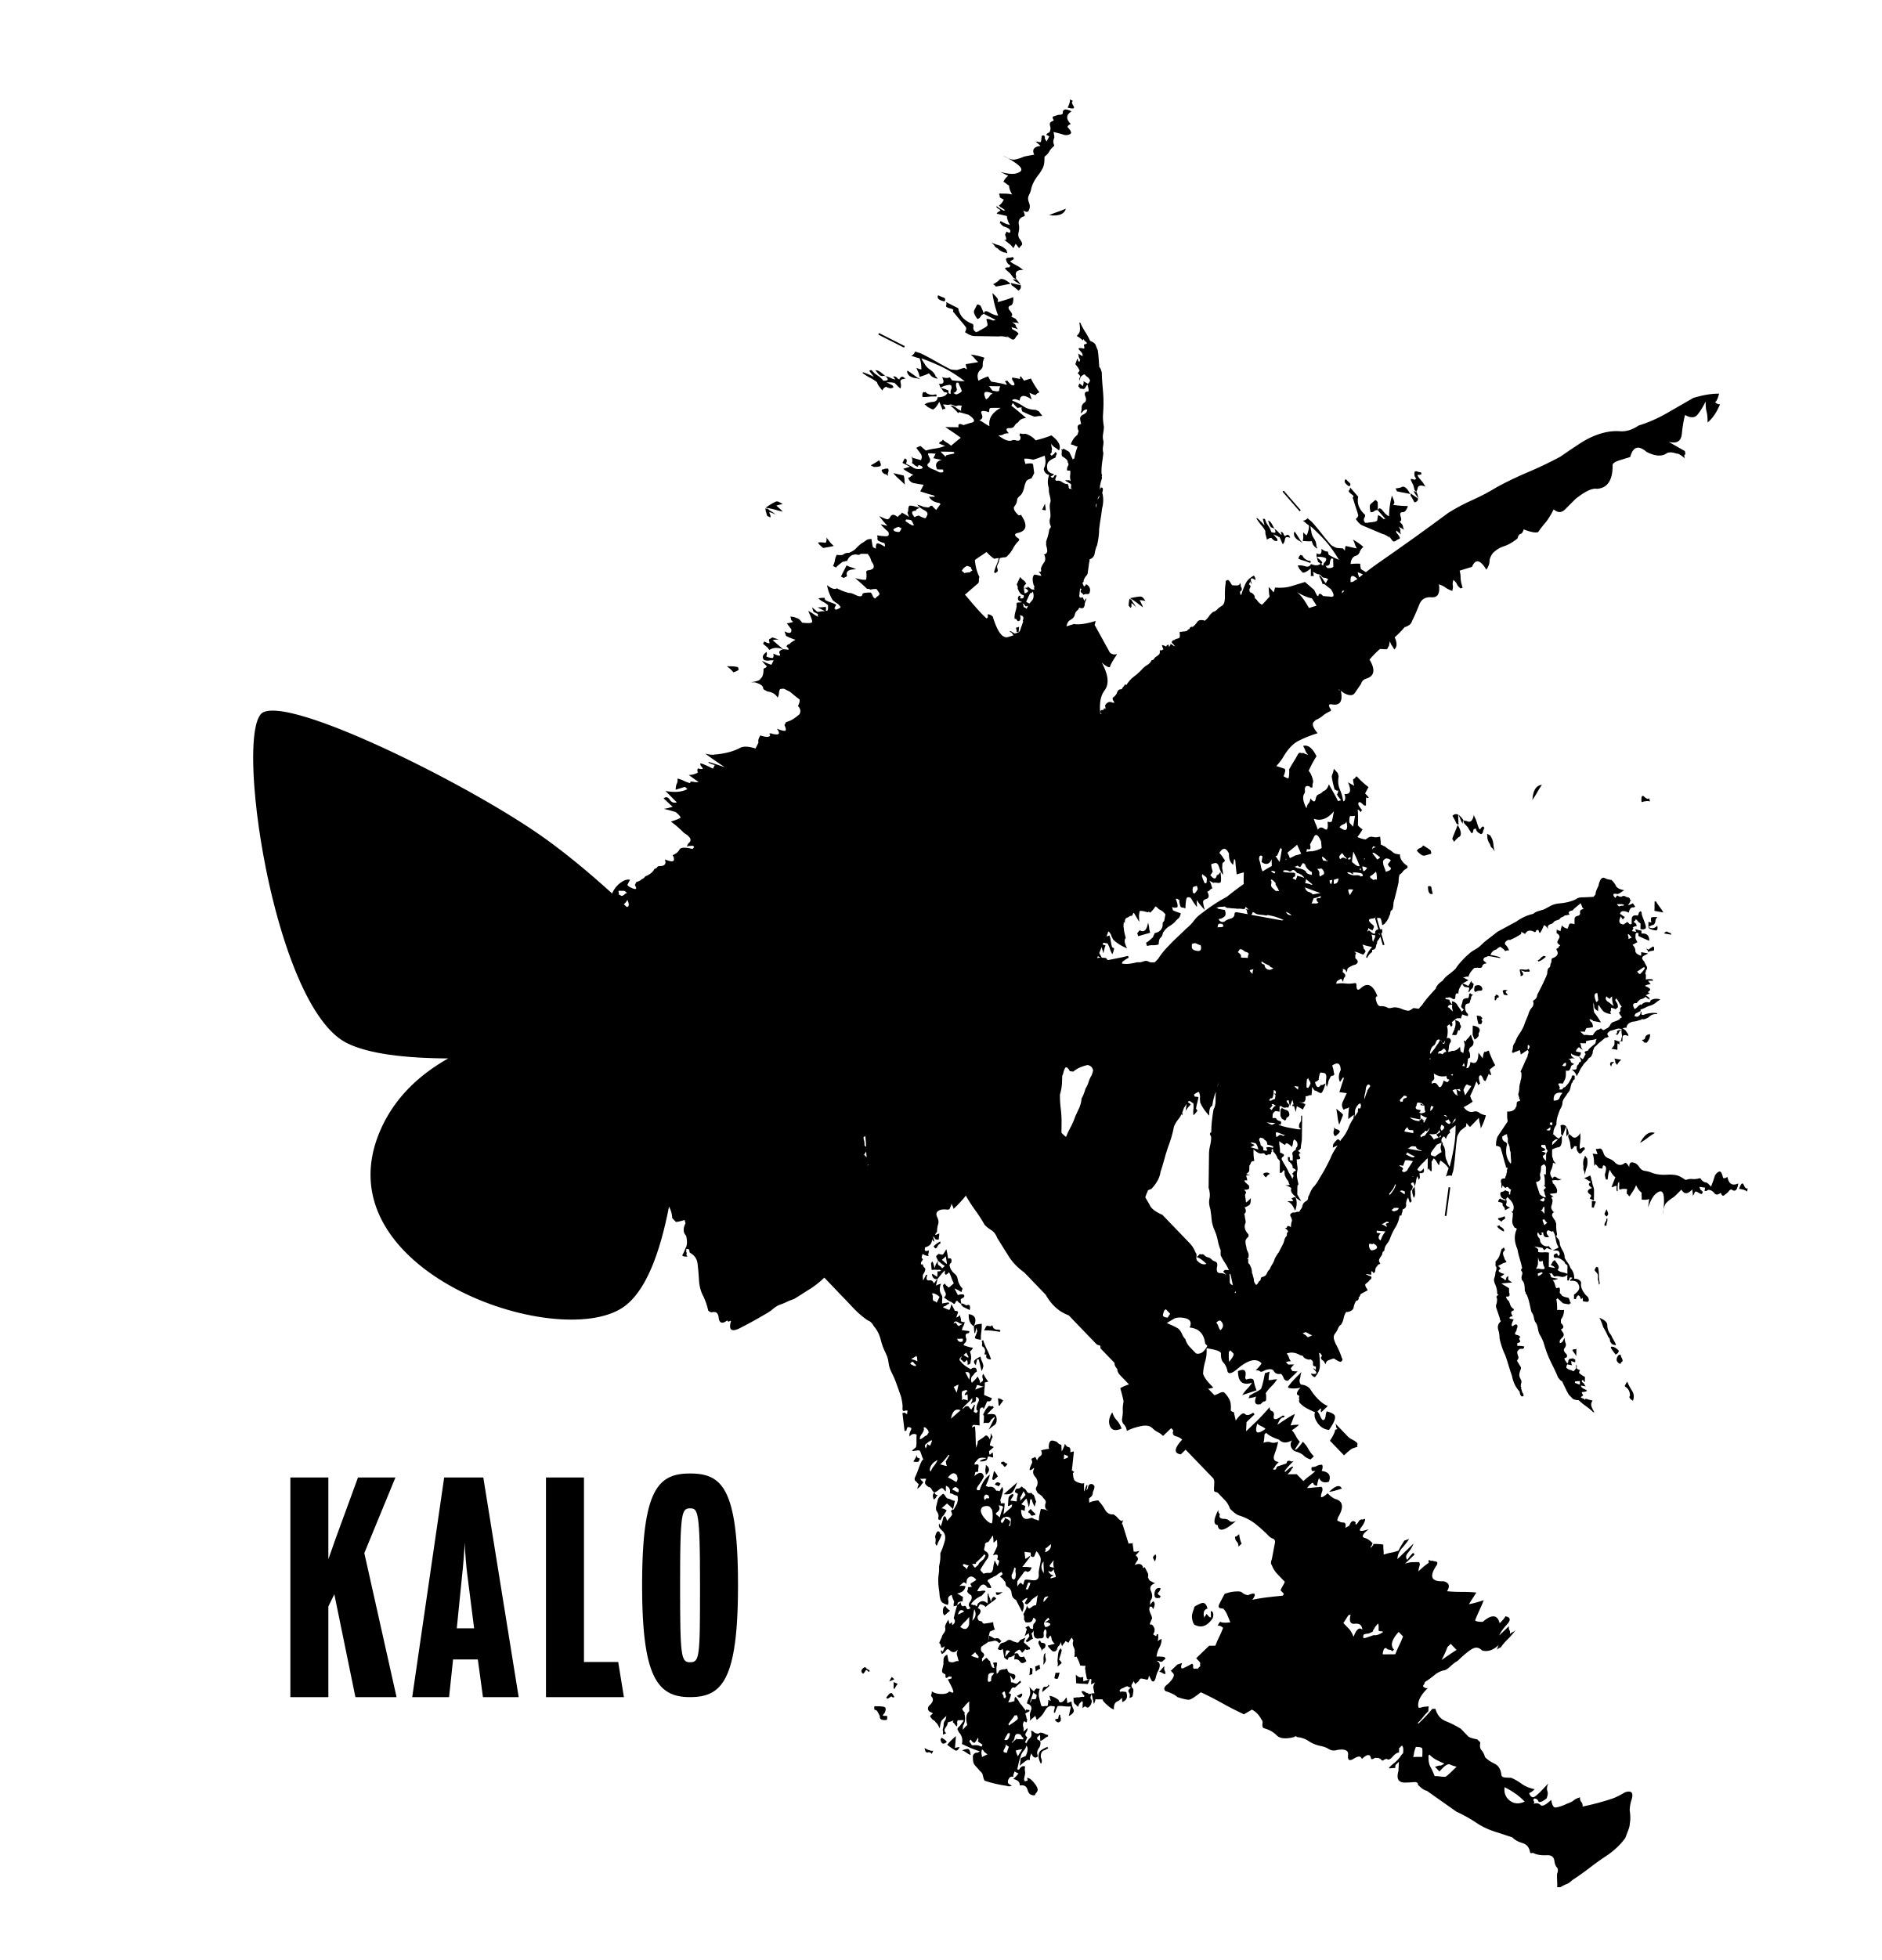 KALO_WC_1.jpg